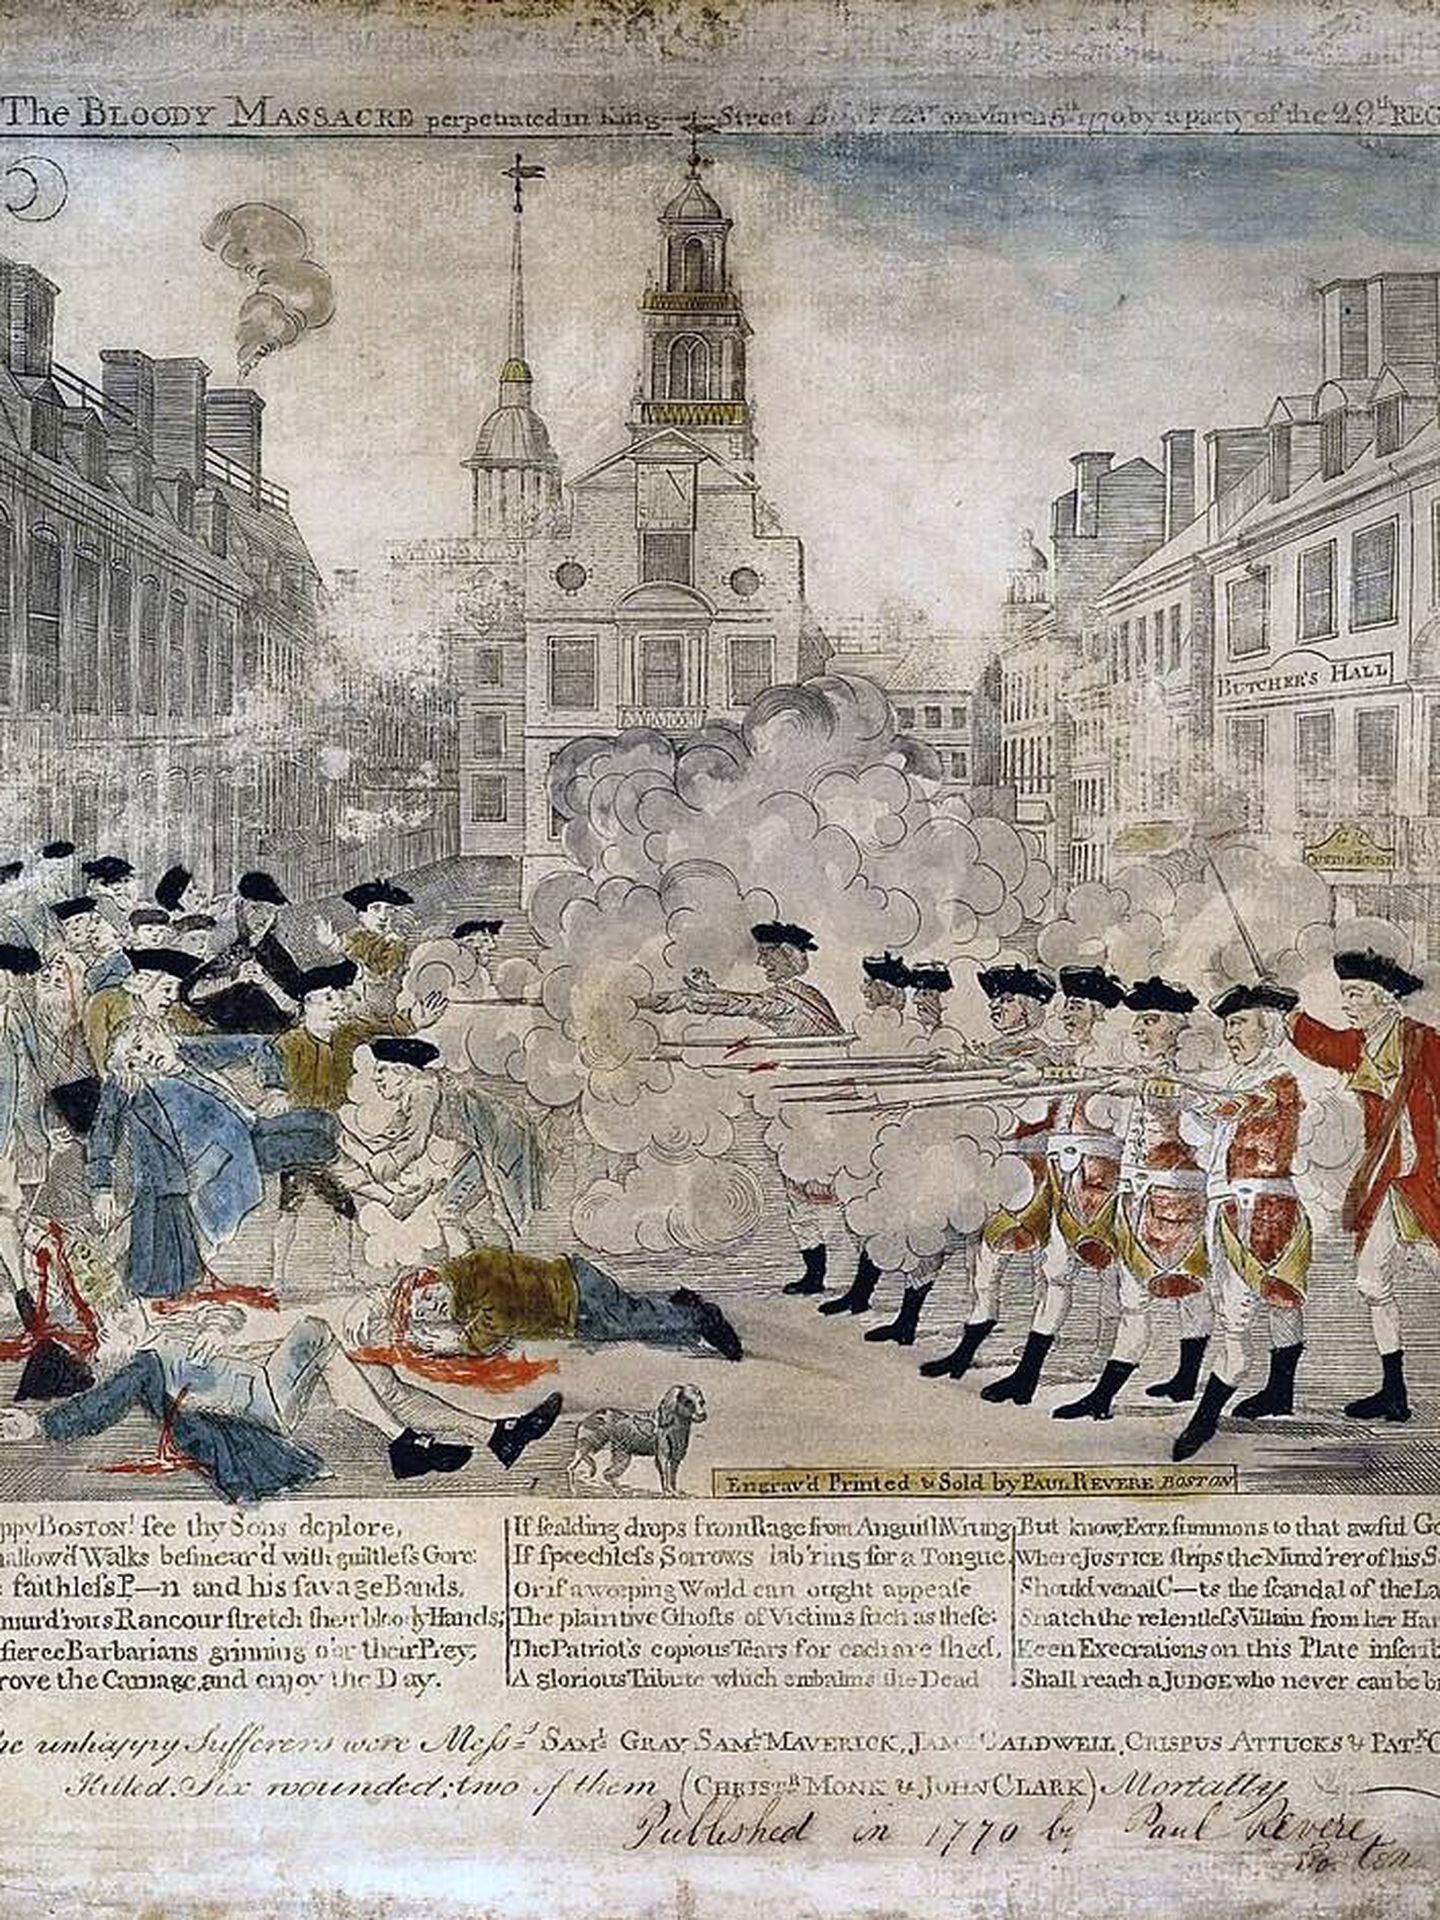 Representación de la matanza de Boston realizada en 1772. (Wikipedia)